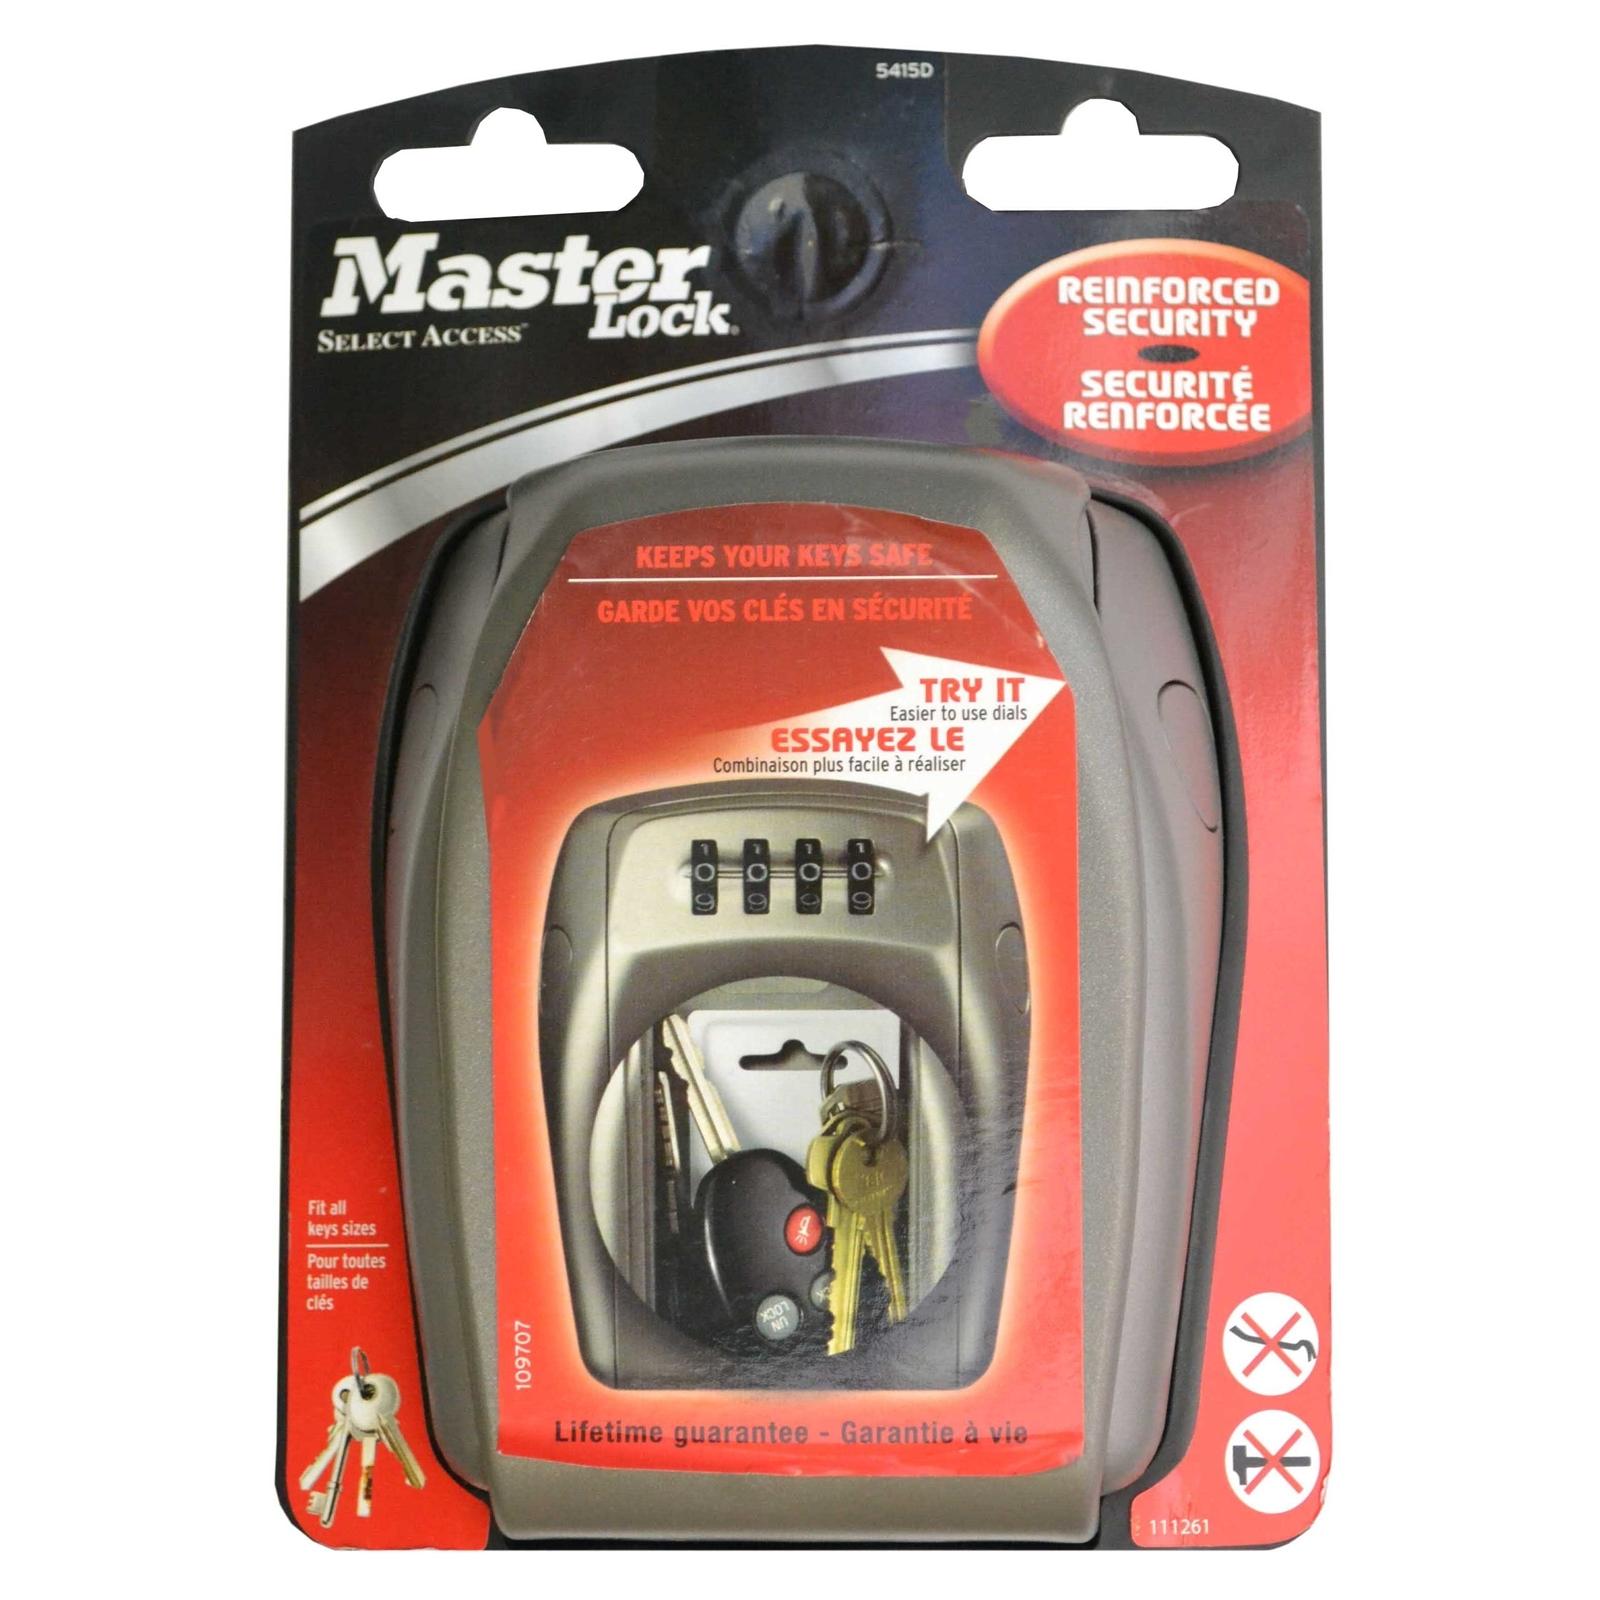 Master Lock Heavy Duty Select Access Wall Key Safe